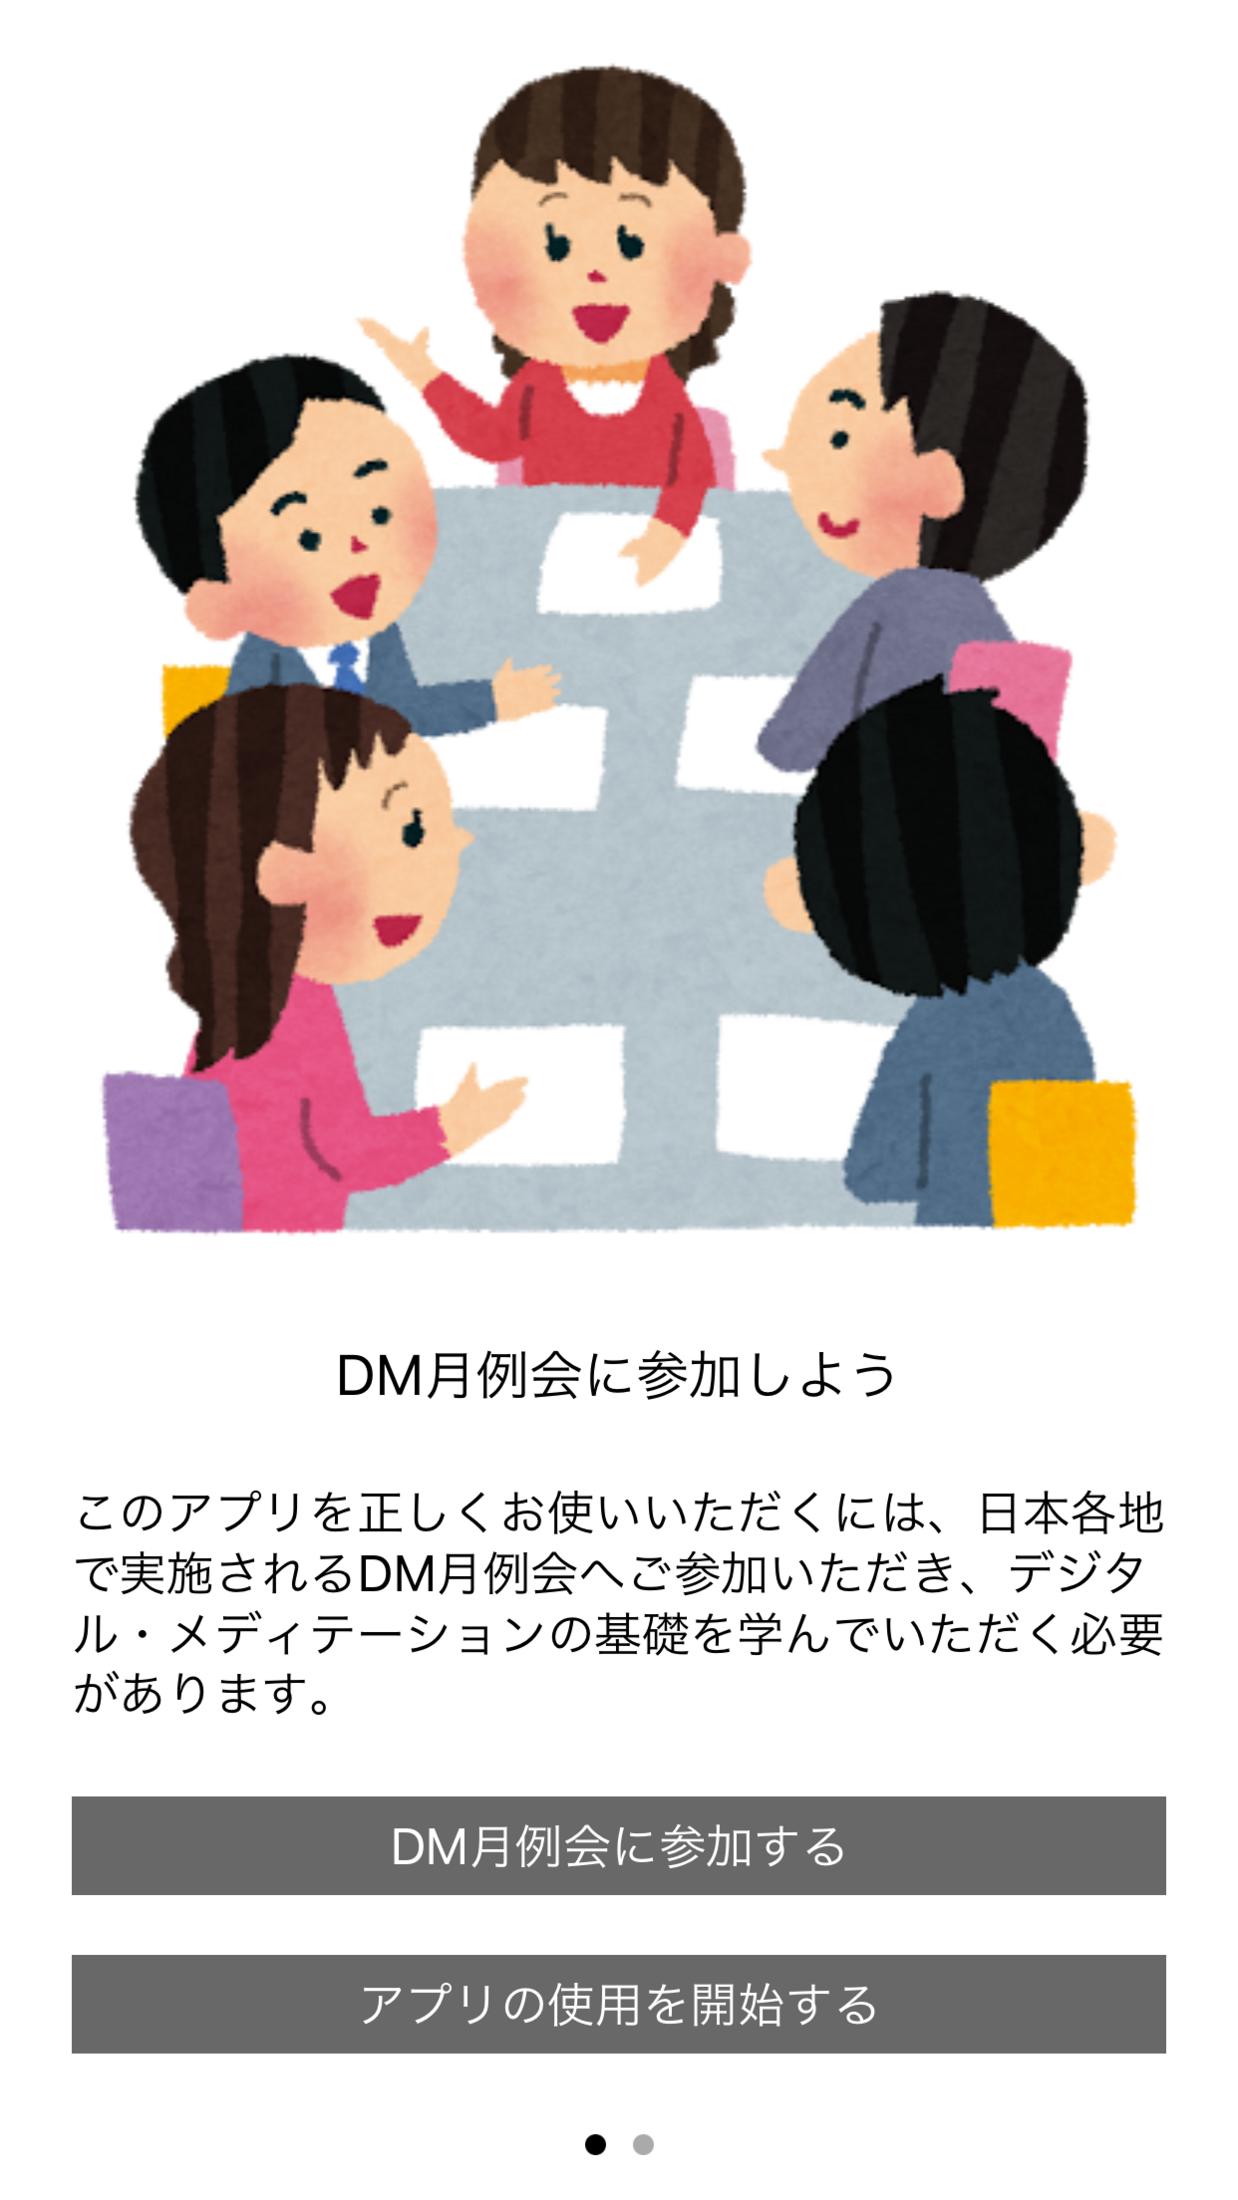 f:id:morinokmichi:20180110152122p:plain